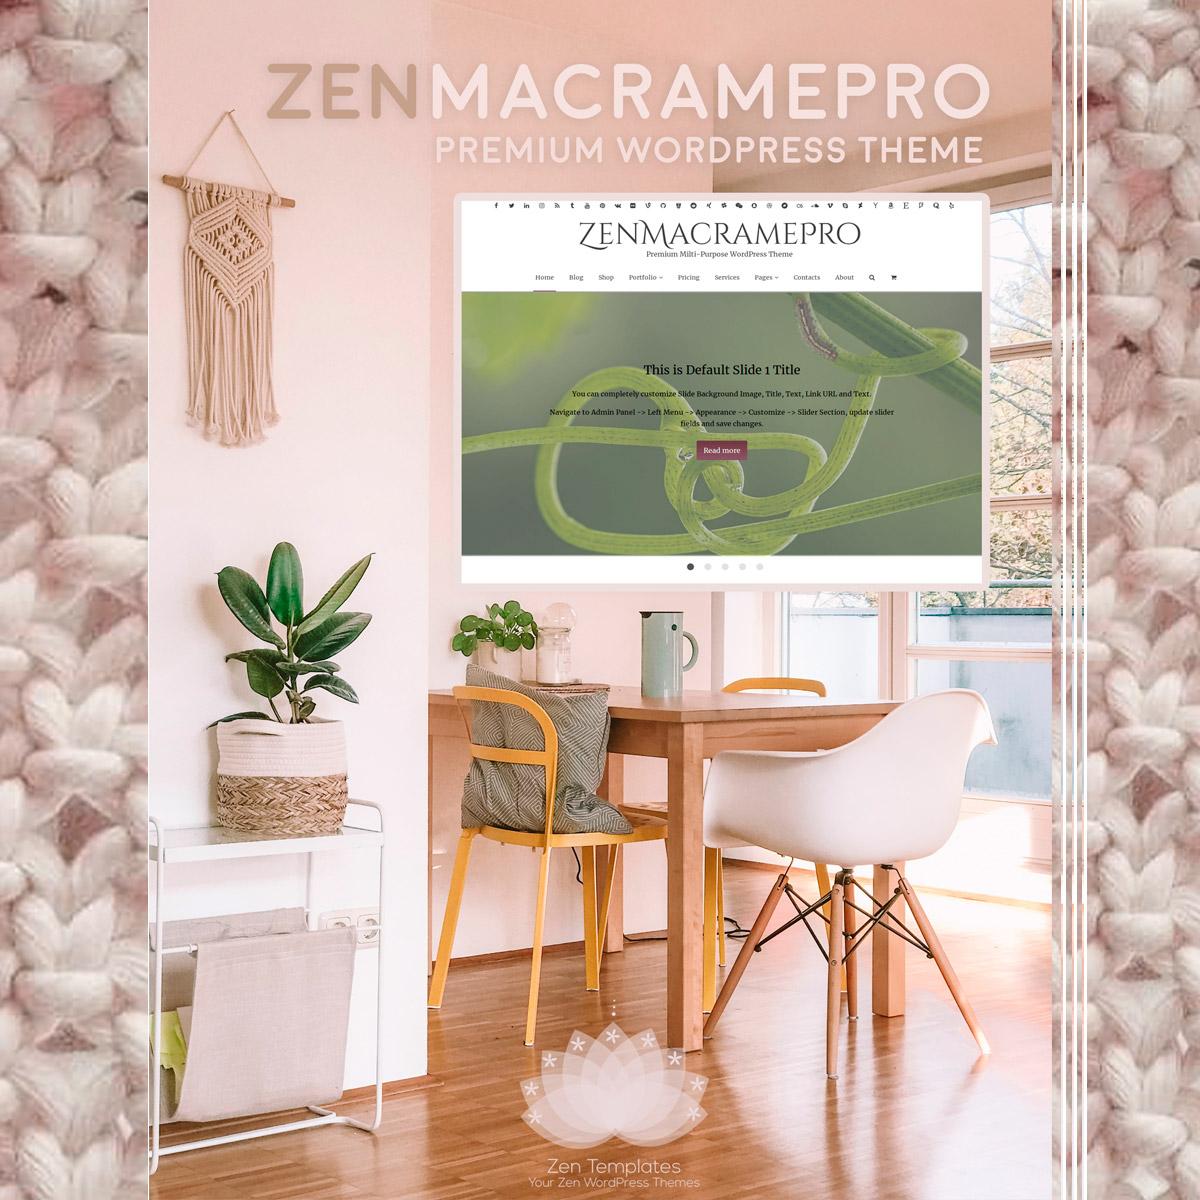 zenmacramepro-premium-wordpress-theme-mockup-zentemplates